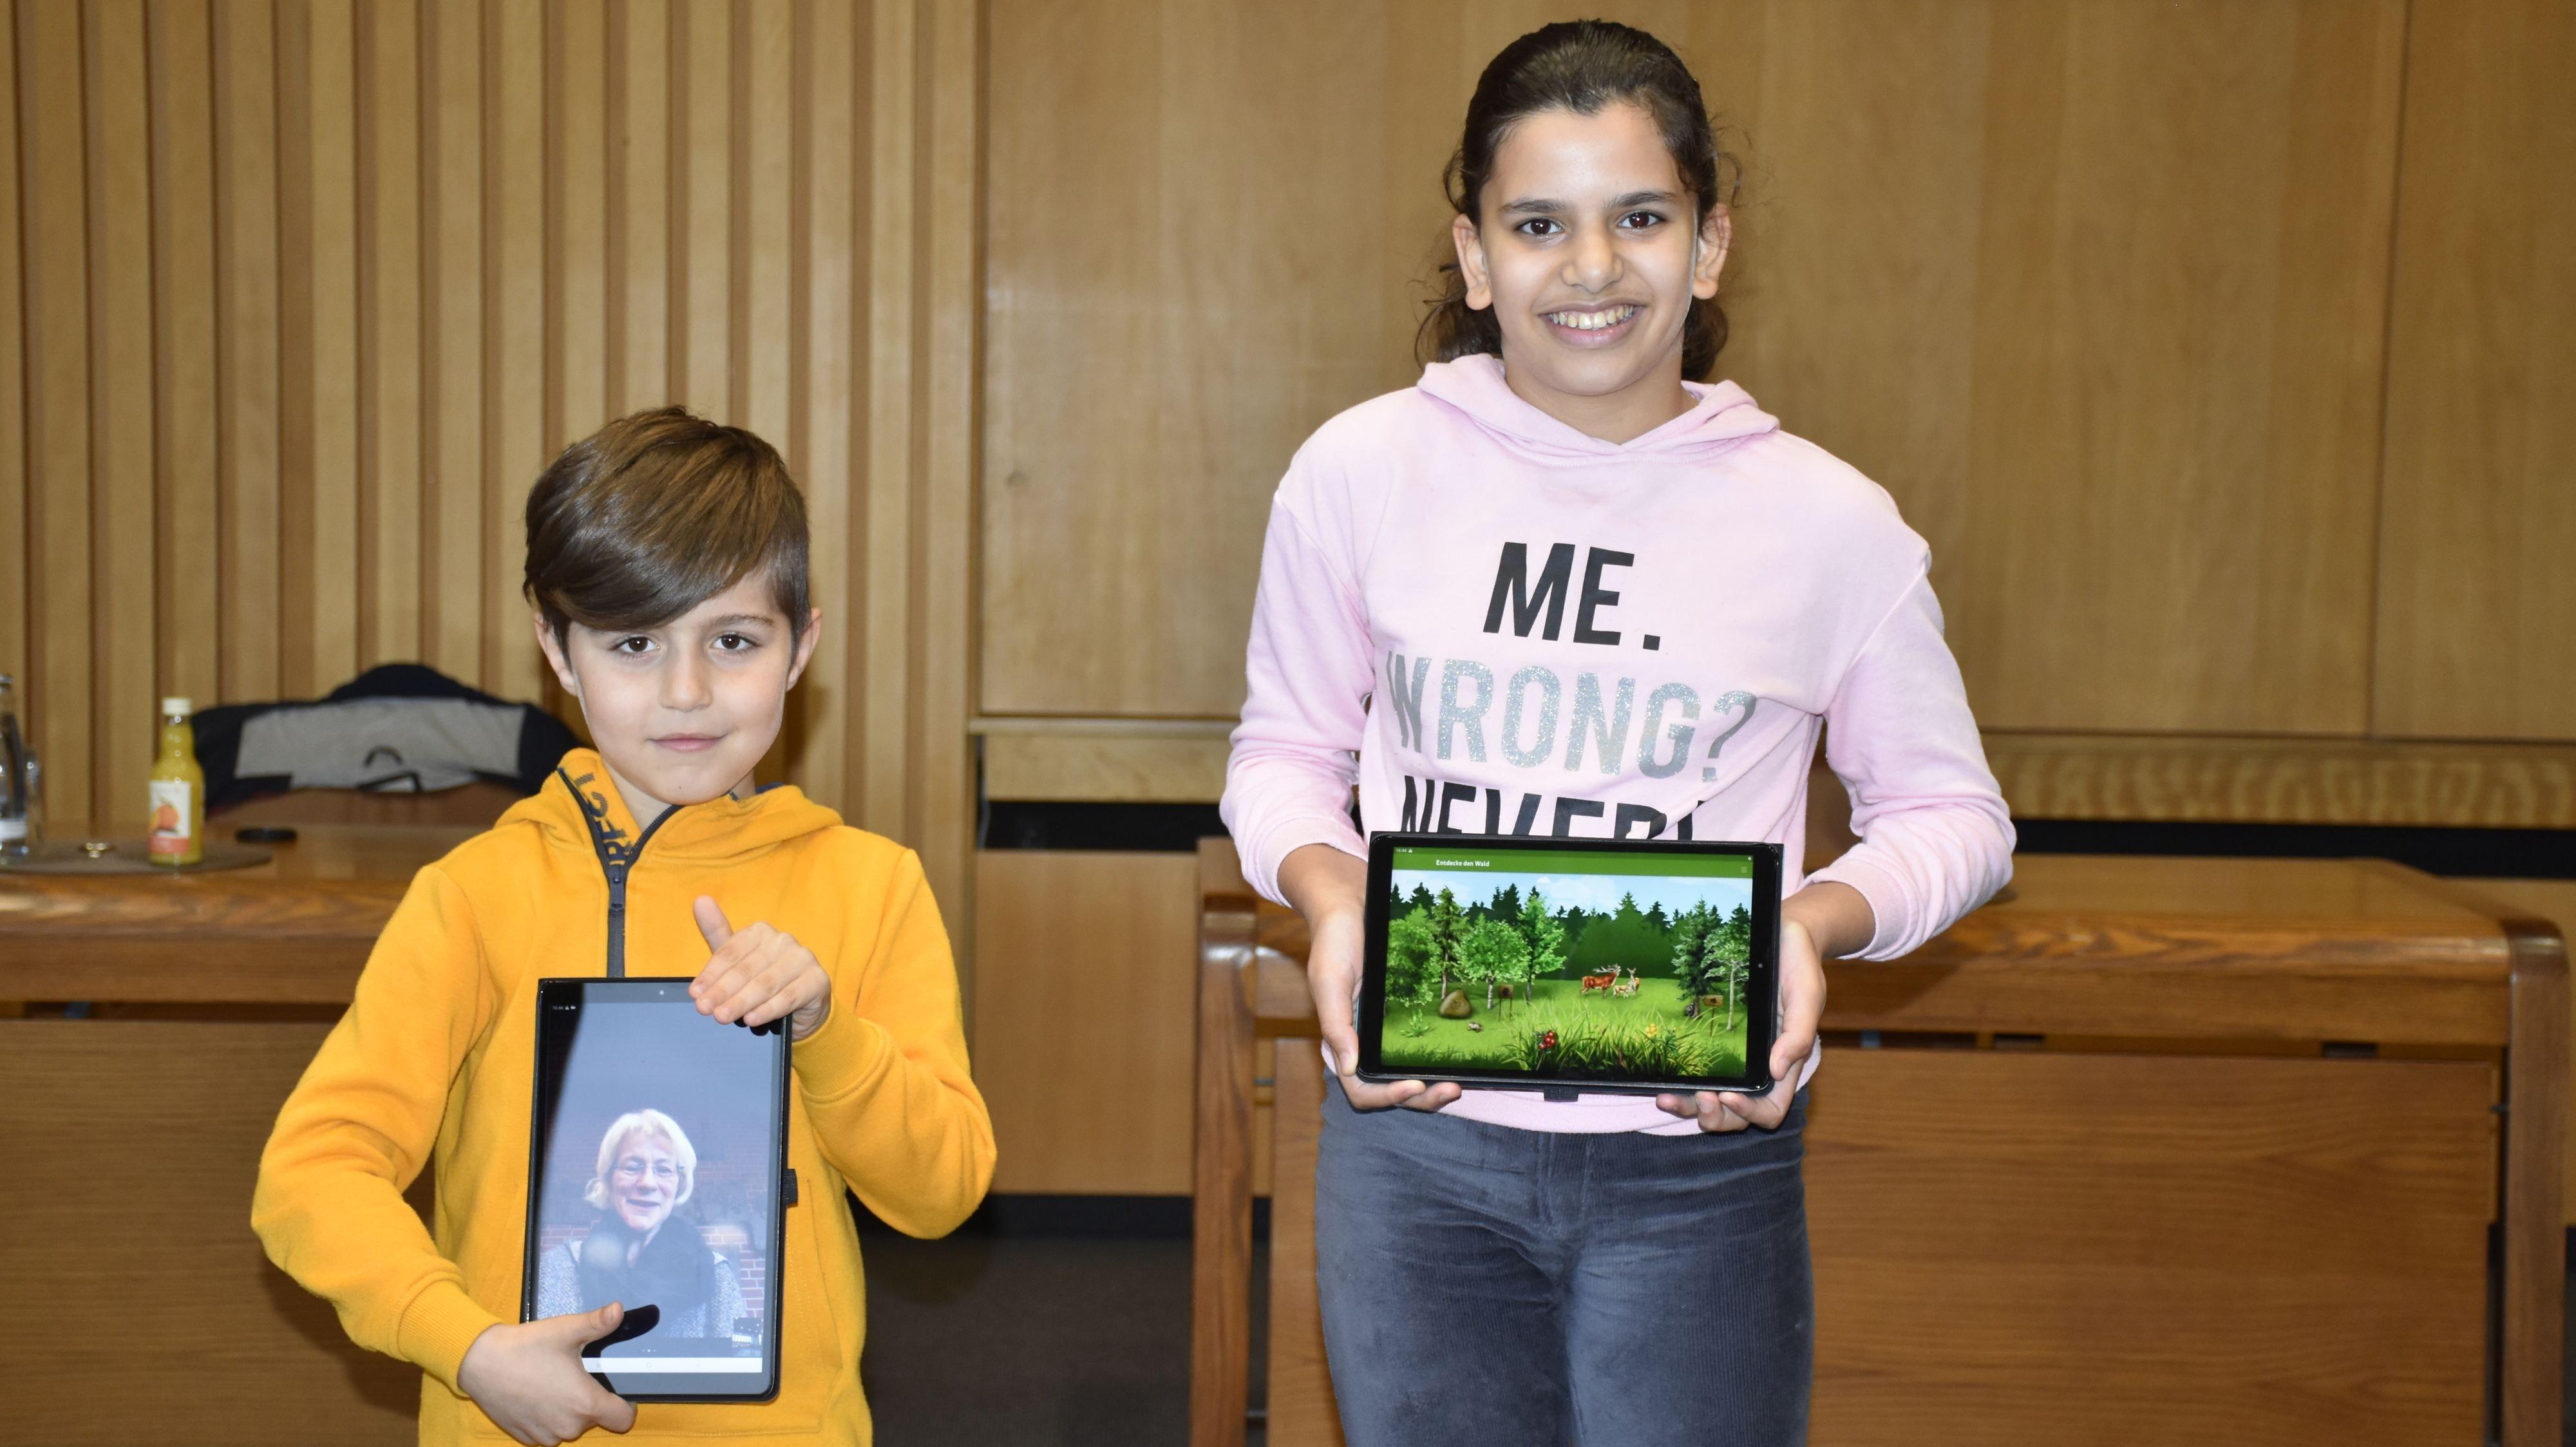 In einer Zoom-Konferenz sollen die Kinder jeden morgen zusammentreffen. Stolz zeigen Dalksh und Hala ihre Tablets. Foto: Scholz